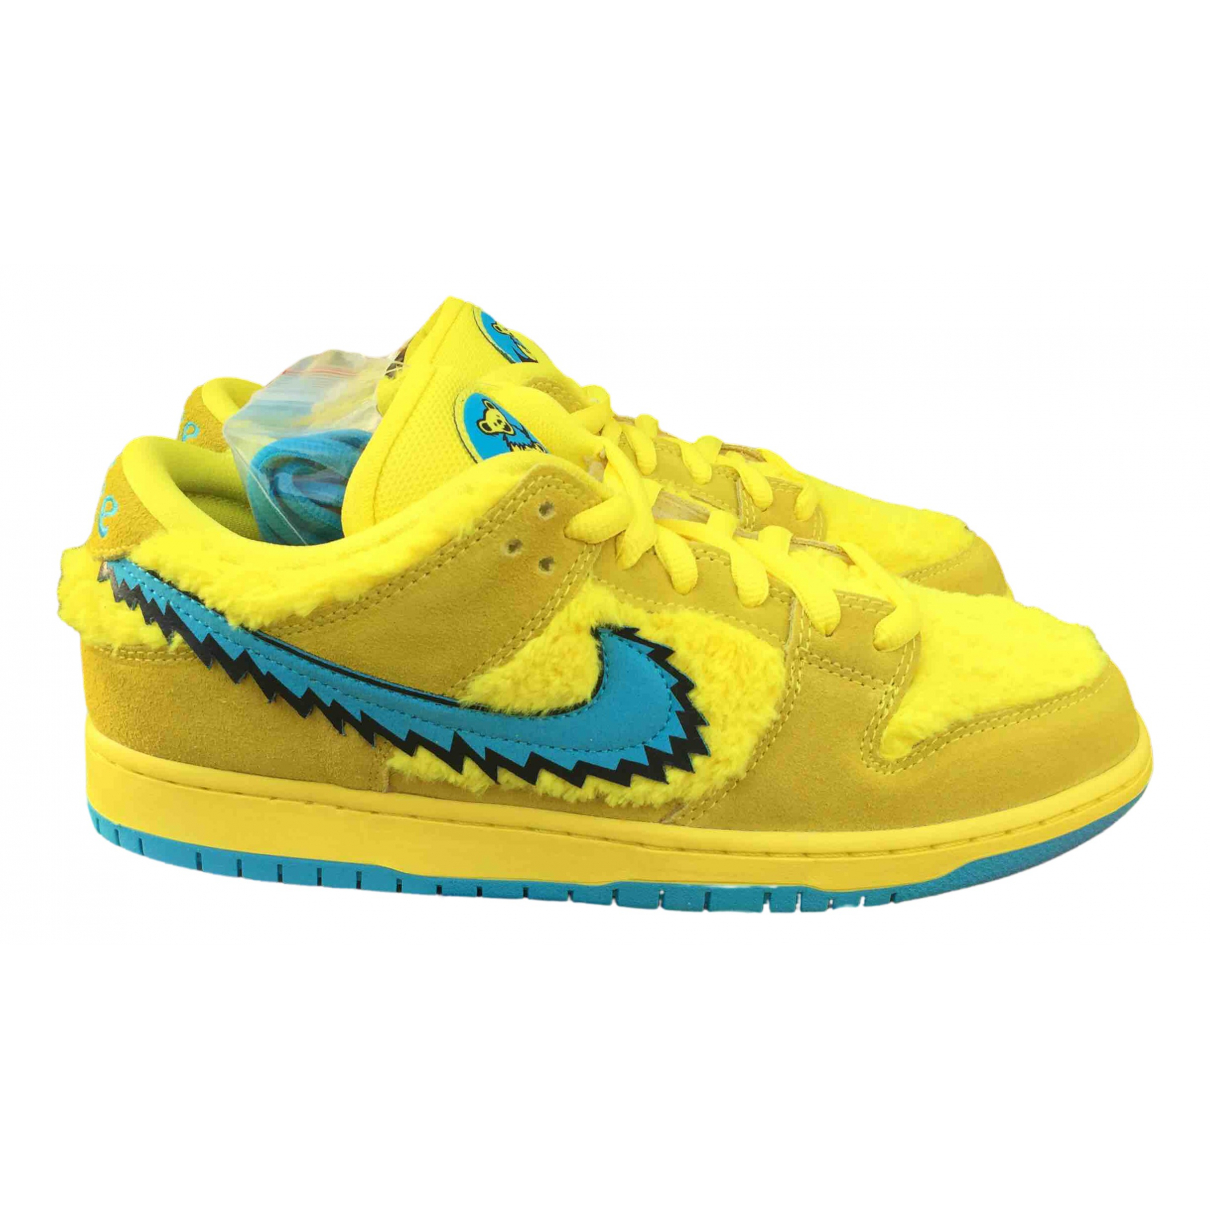 Nike SB Dunk  Yellow Cloth Trainers for Men 43 EU